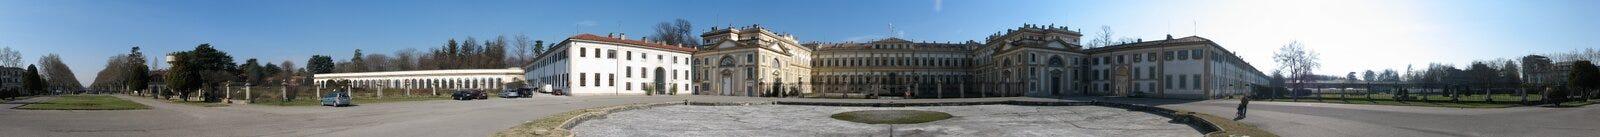 Palazzo reale Fotografia Stock Libera da Diritti